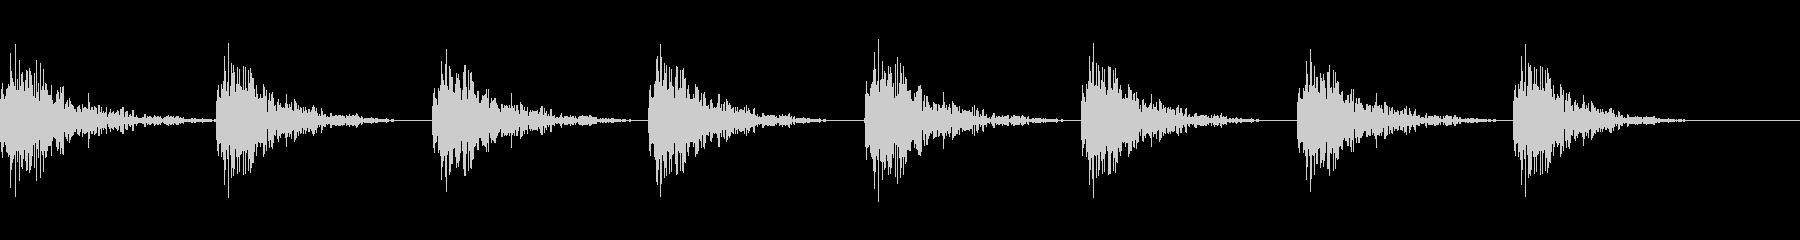 どすん(巨人、歩く、足音)A06の未再生の波形